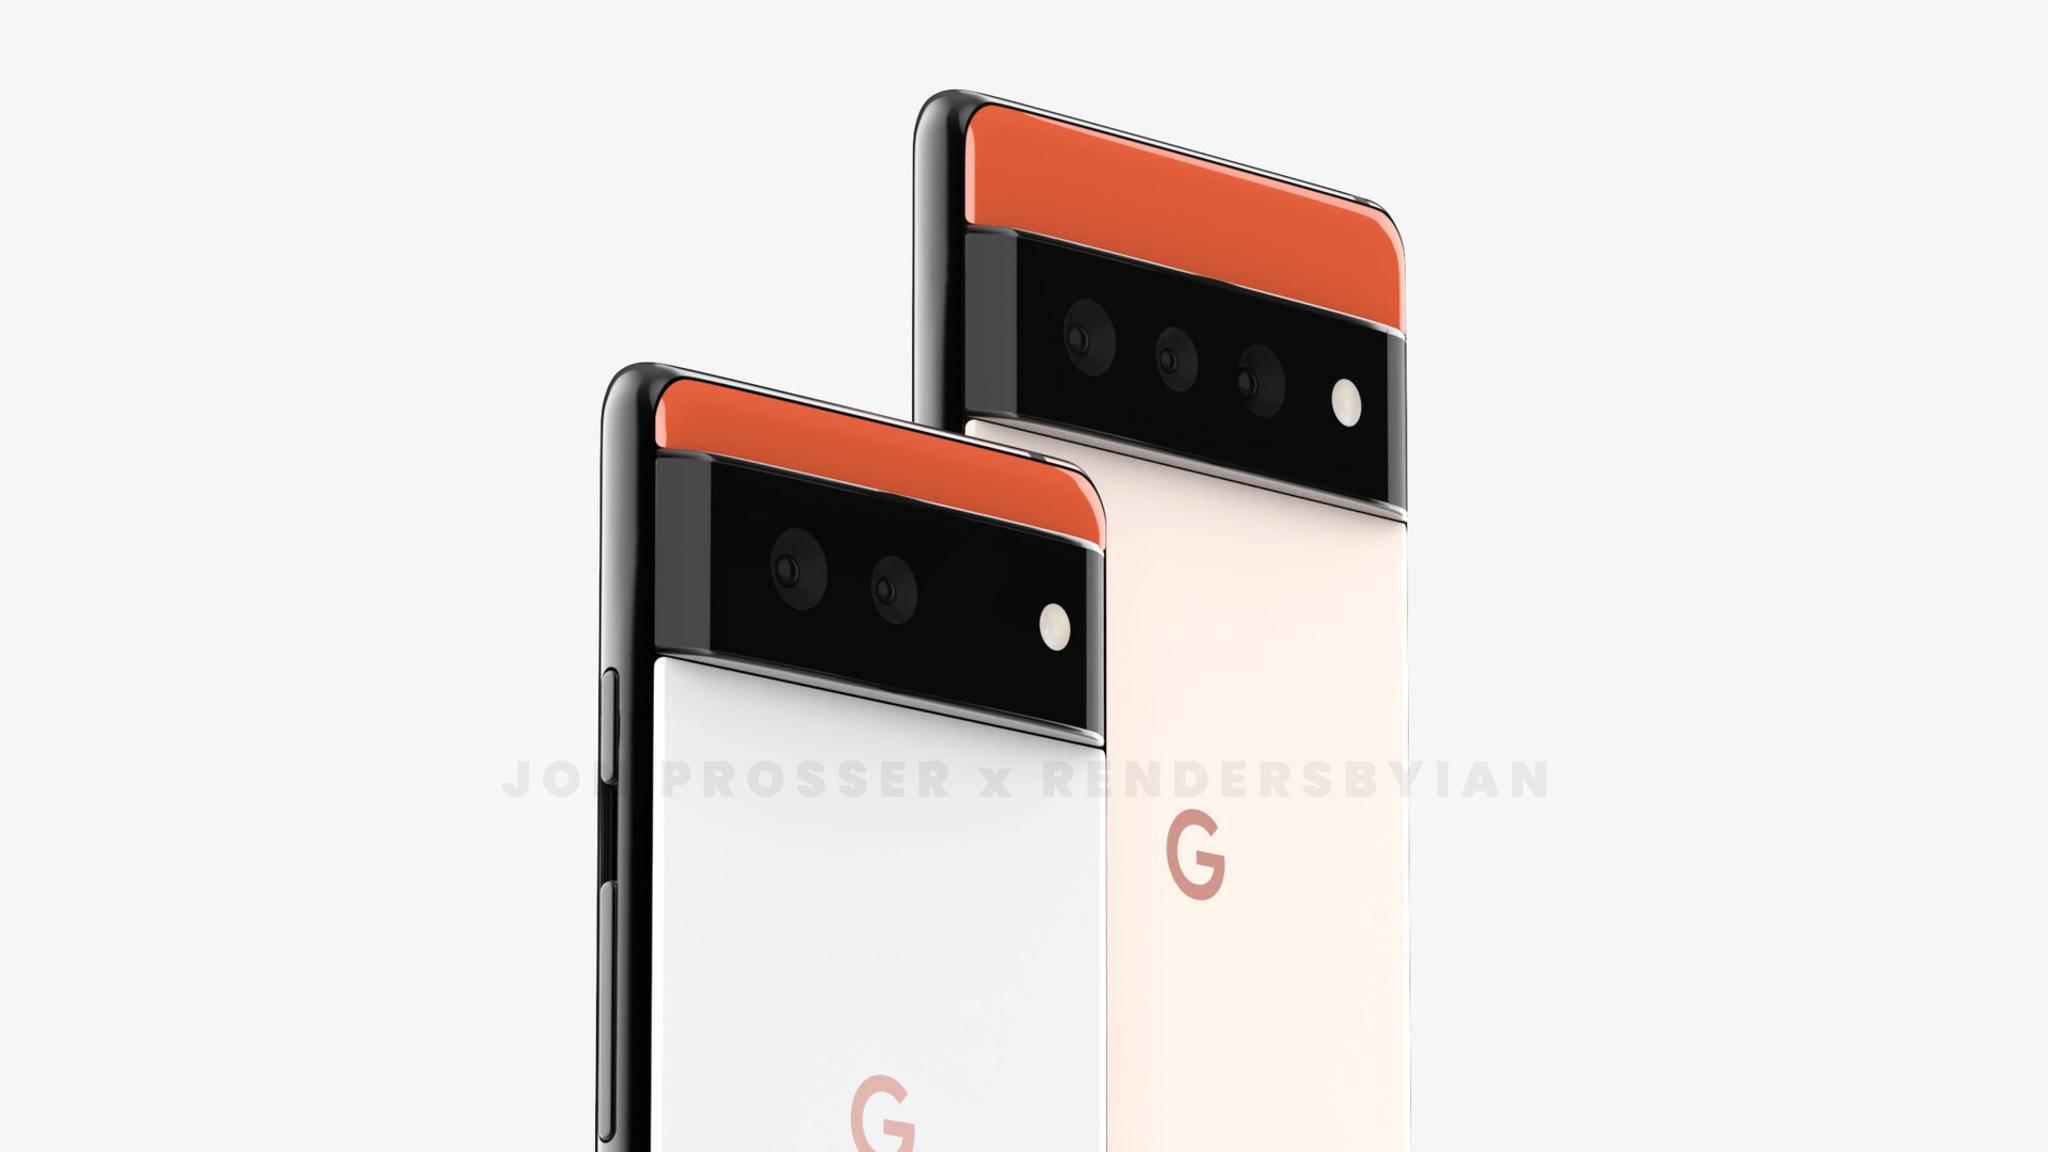 google-pixel-6-smartphones